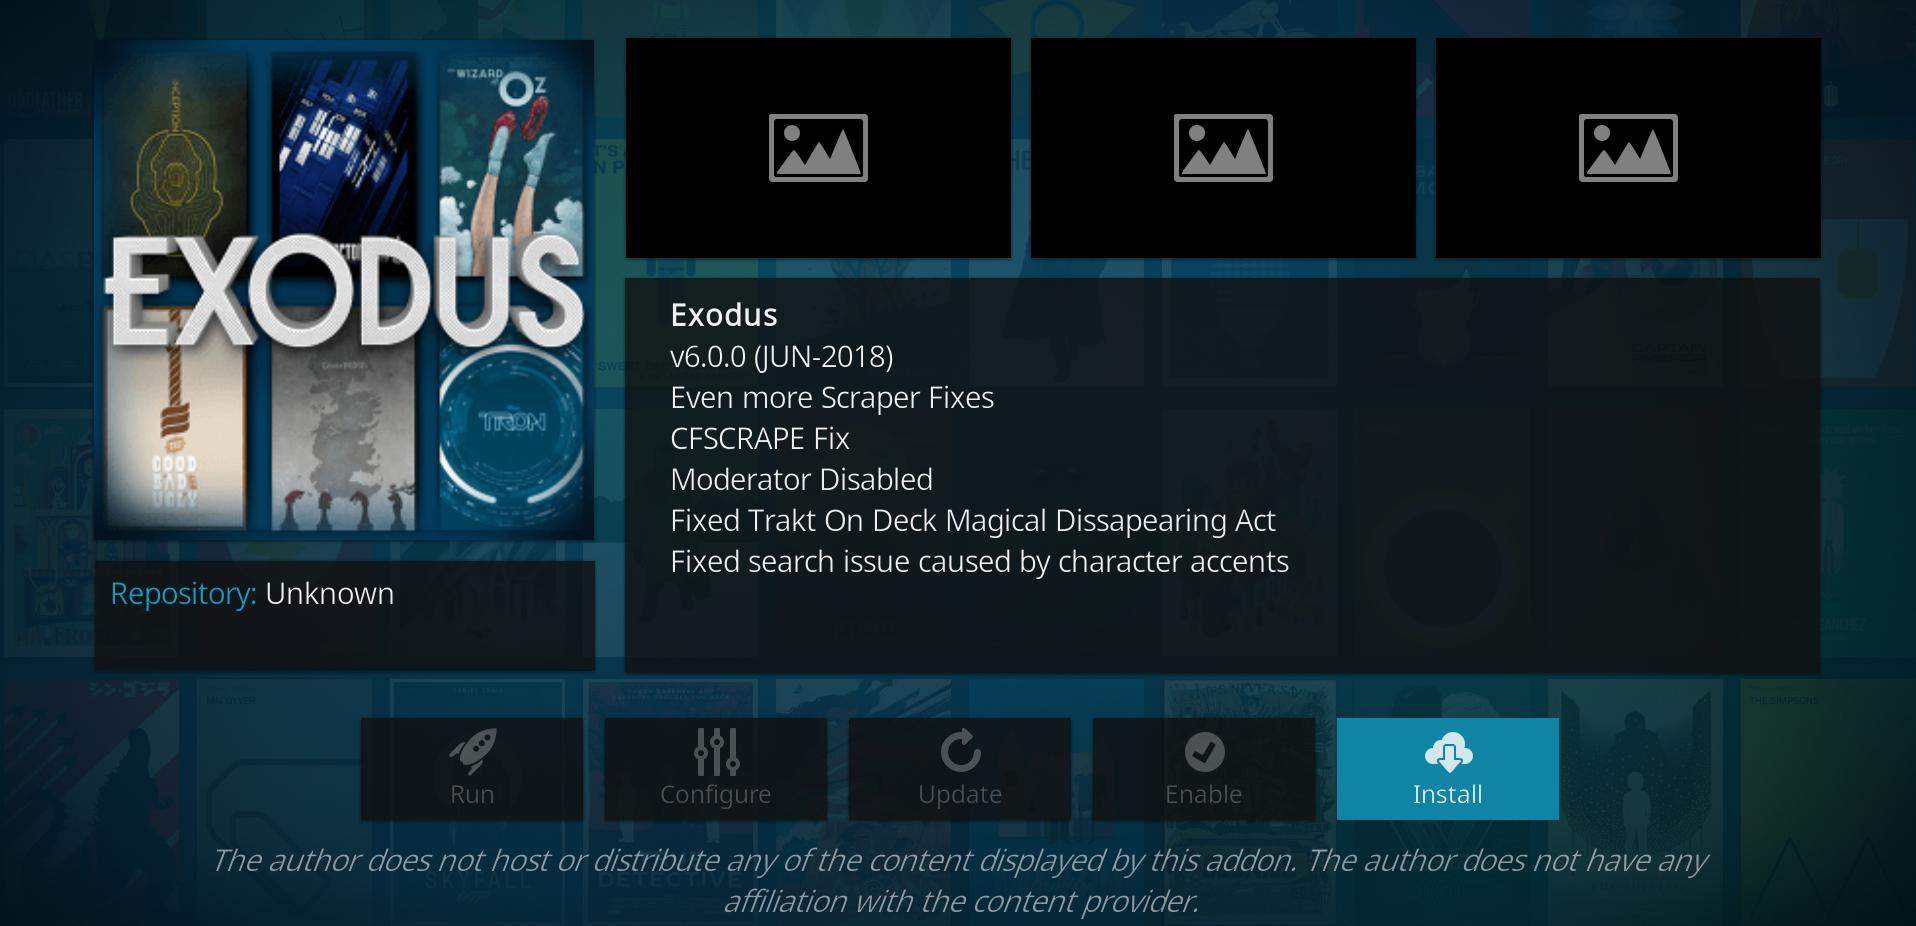 Exodus a revenit in 2018